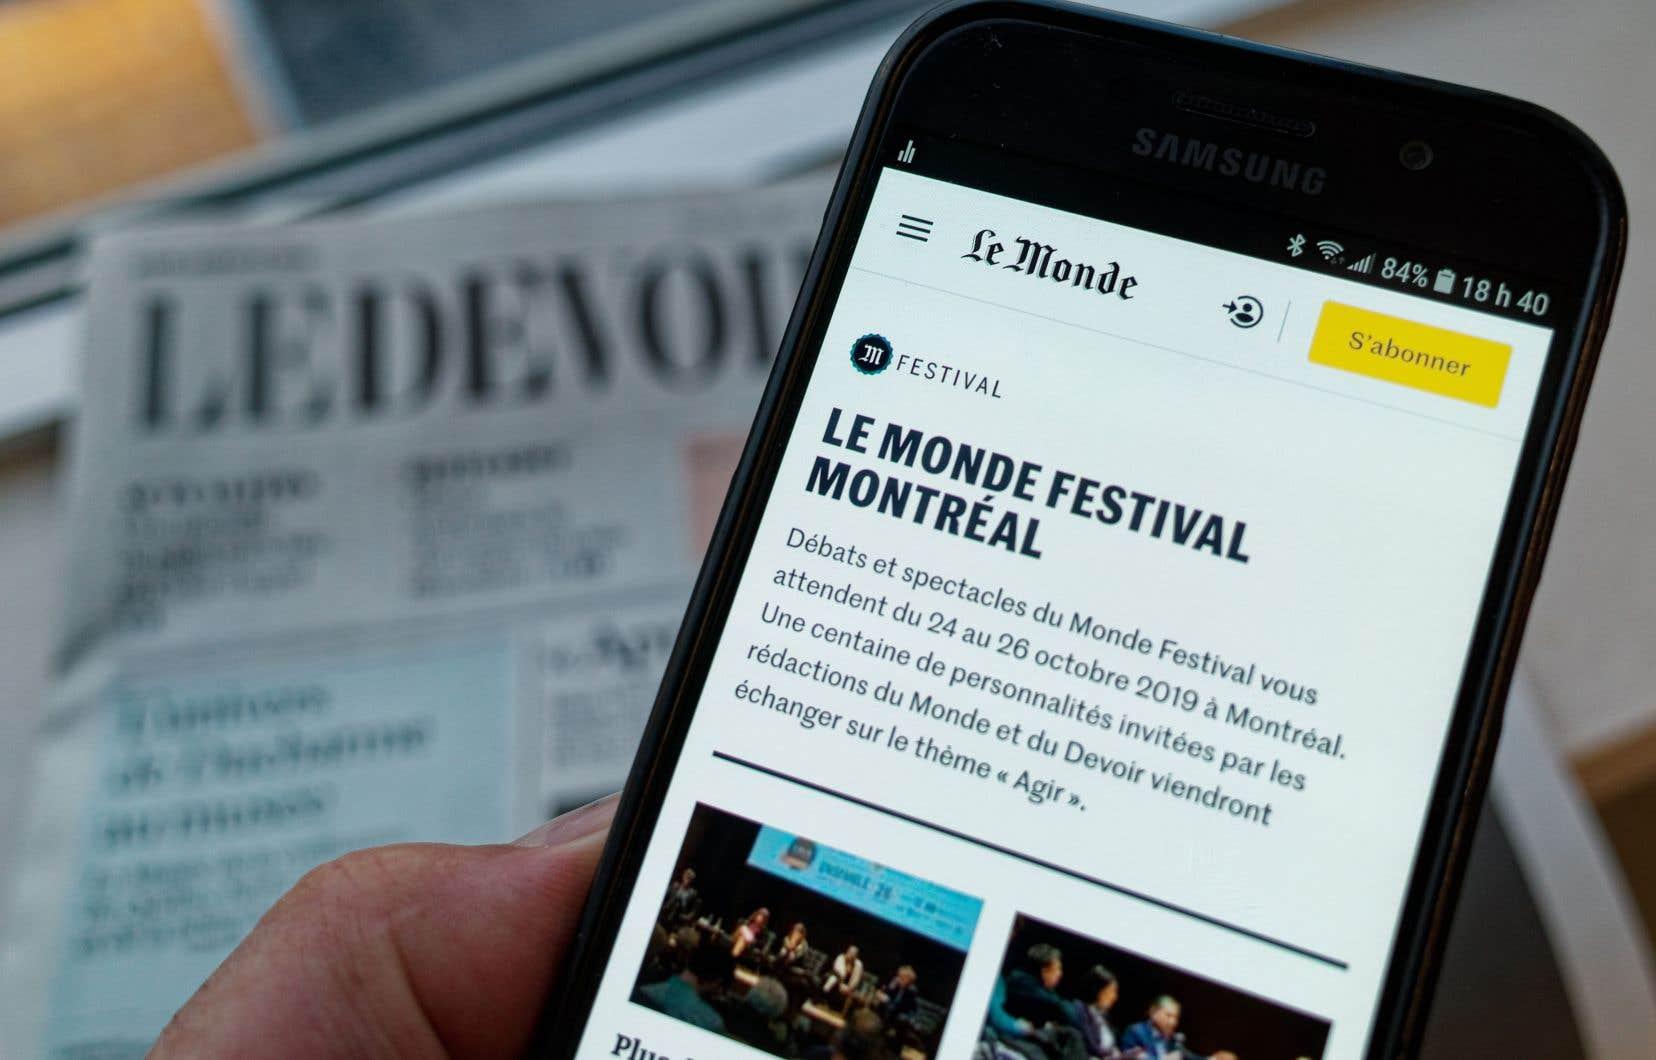 Sur des thèmes d'actualité en France comme au Québec, des invités de marque venus des deux côtés de l'Atlantique confrontent approches et visions.